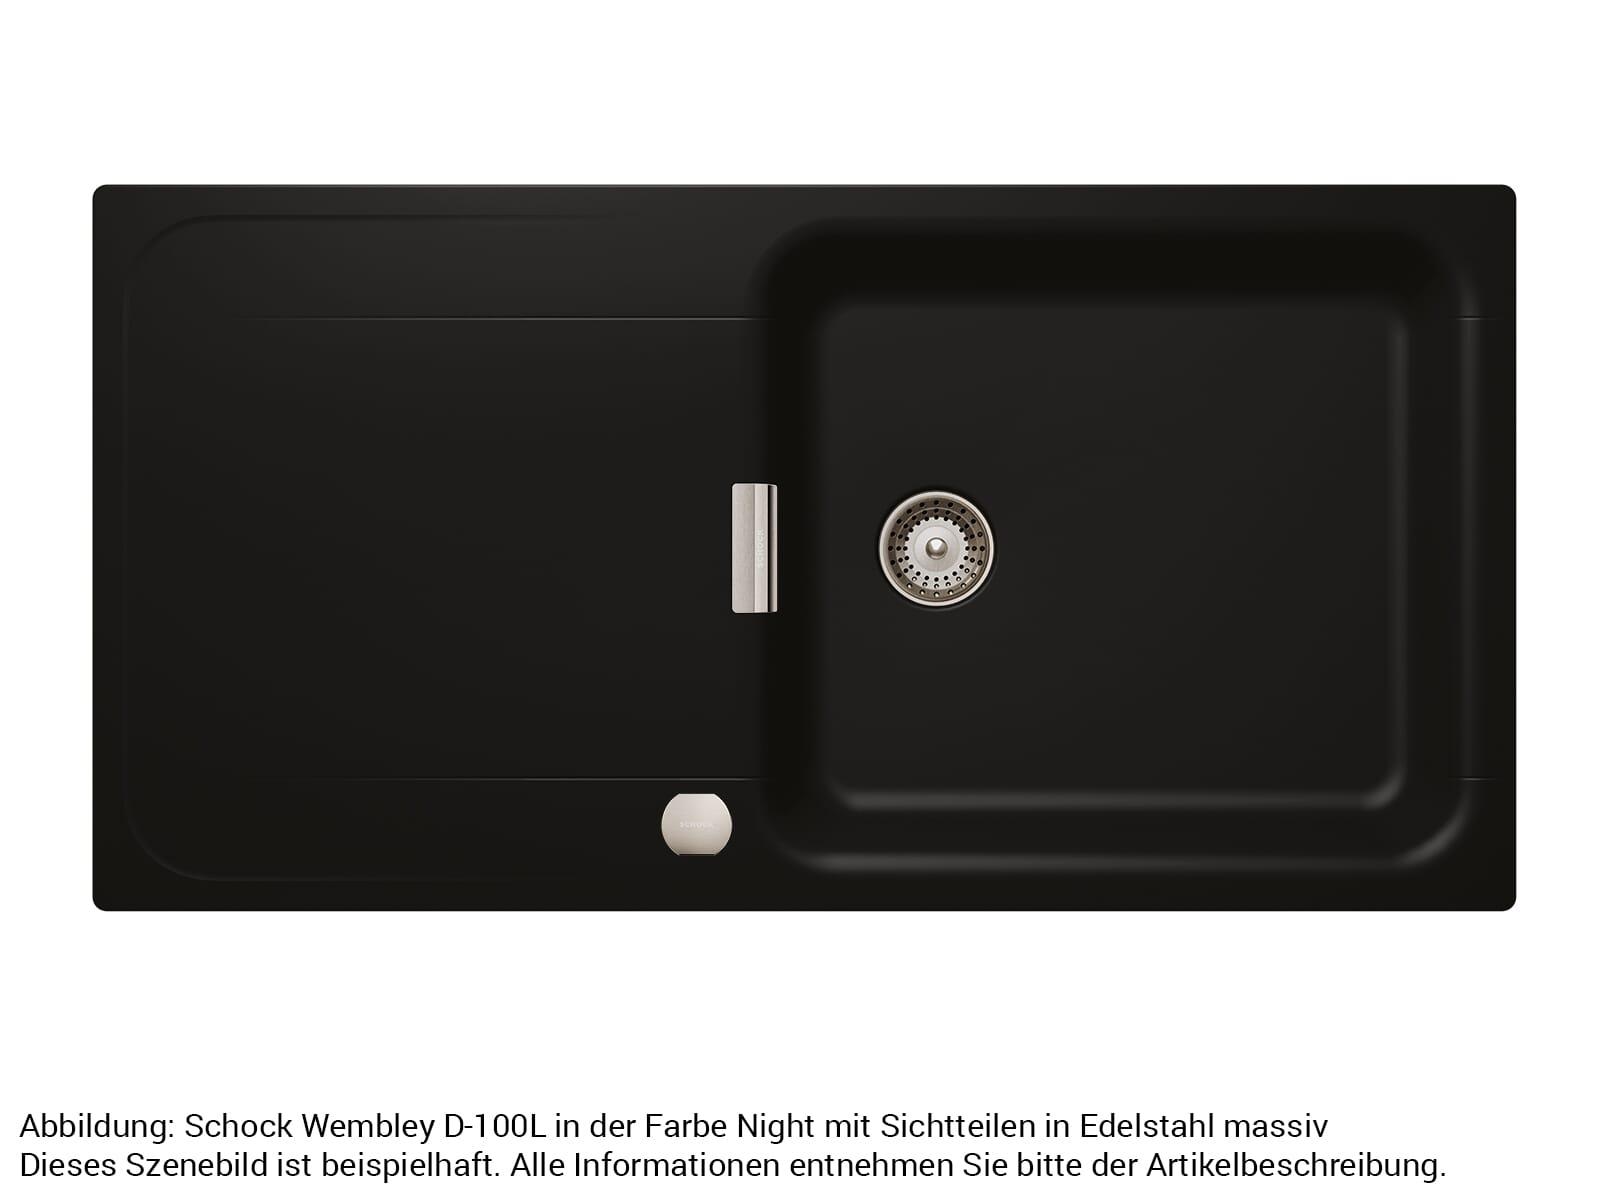 Schock 629614EDM - Sichtteile Edelstahl massiv